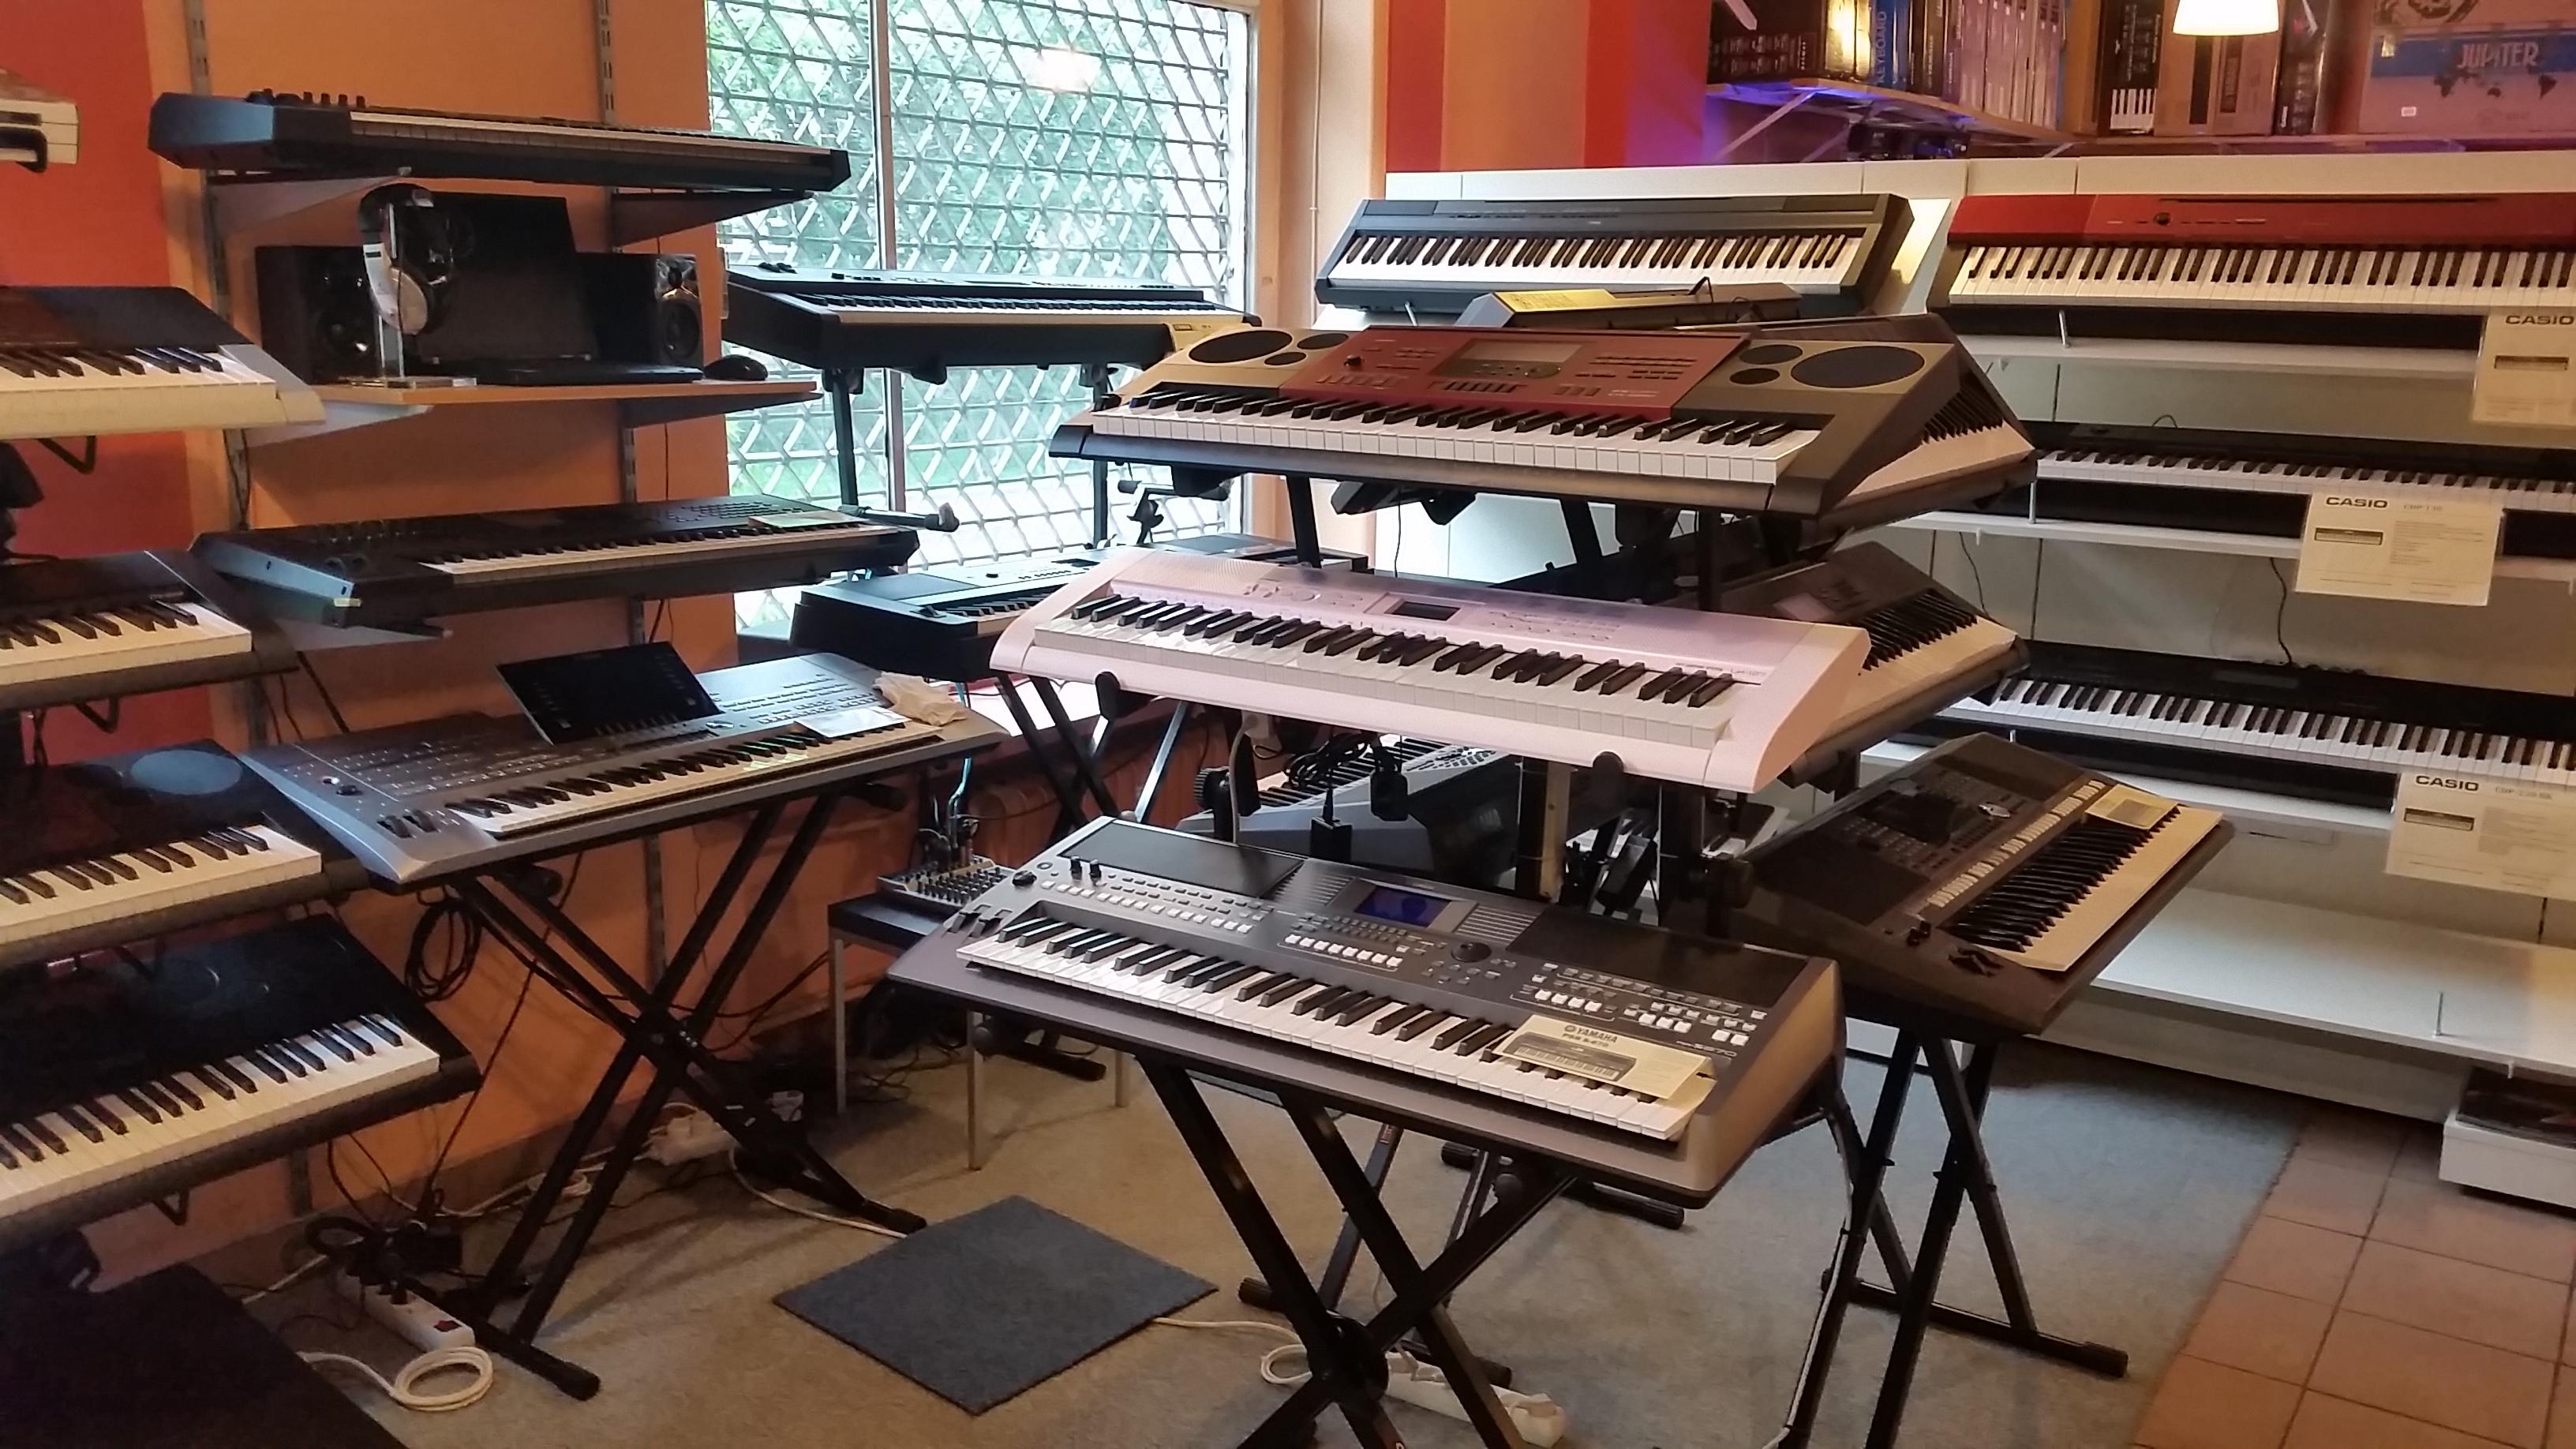 Ekspozycja 'Keyboard dla każdego w GAMUZ'